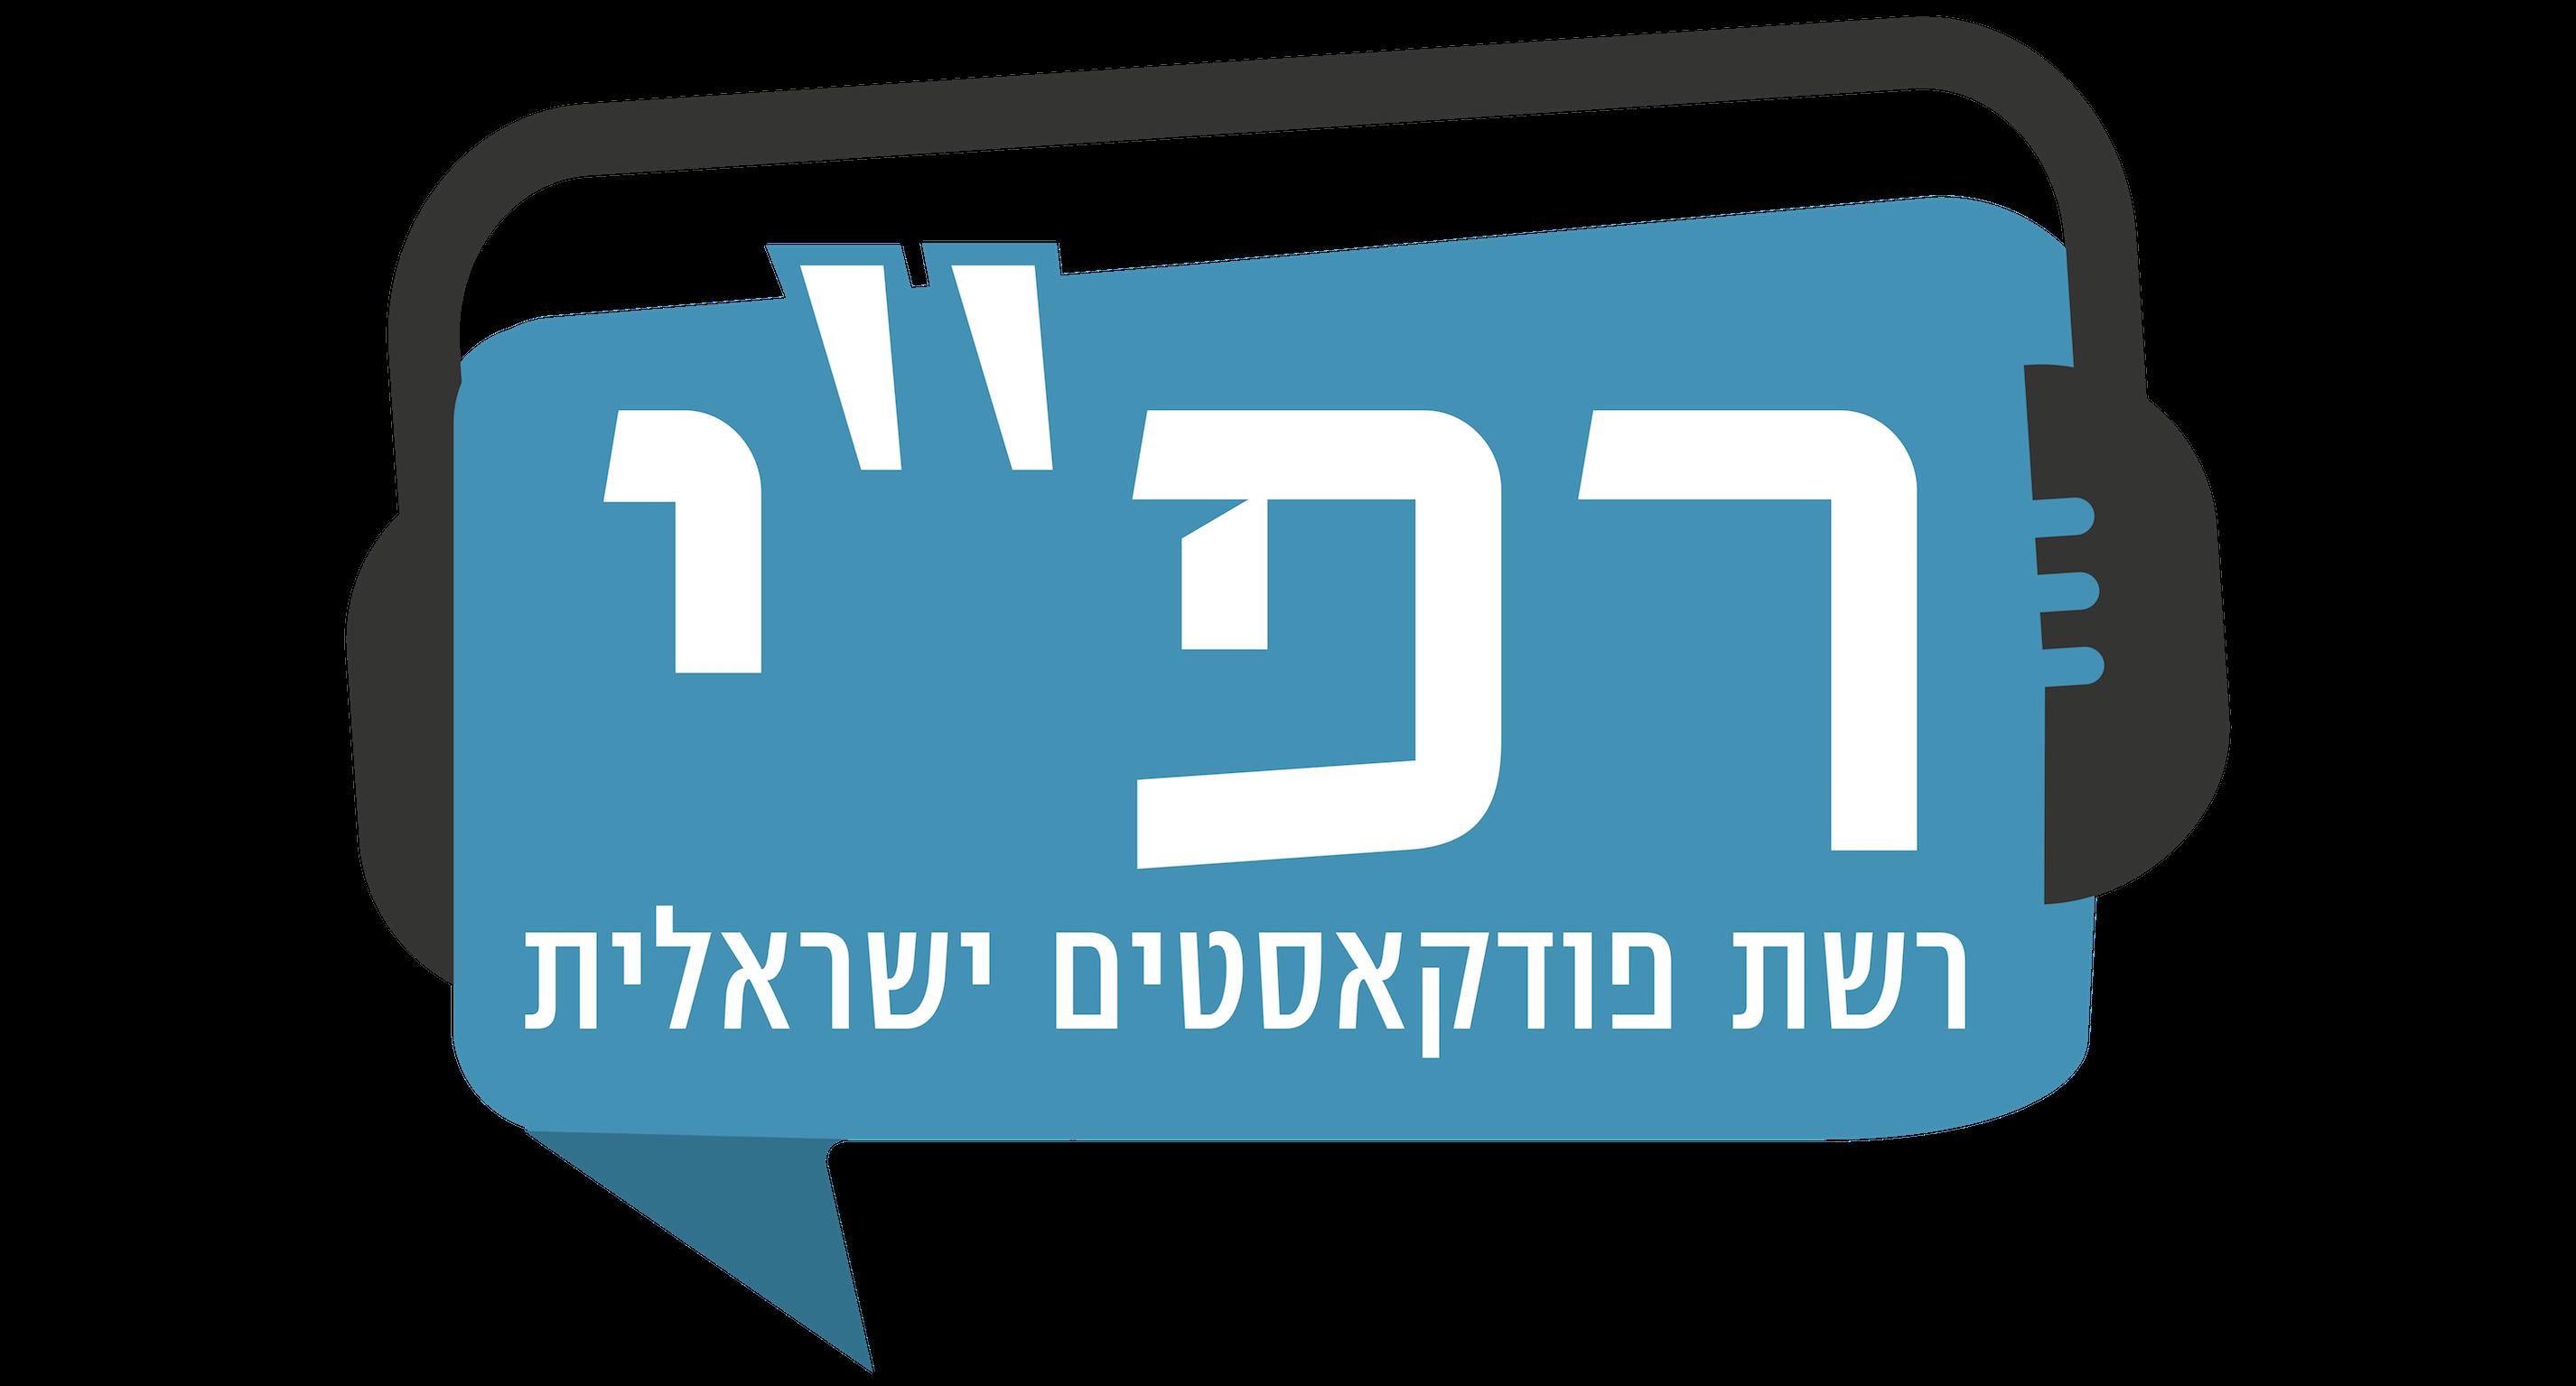 רפ״י - רשת פודקאסטים ישראלית